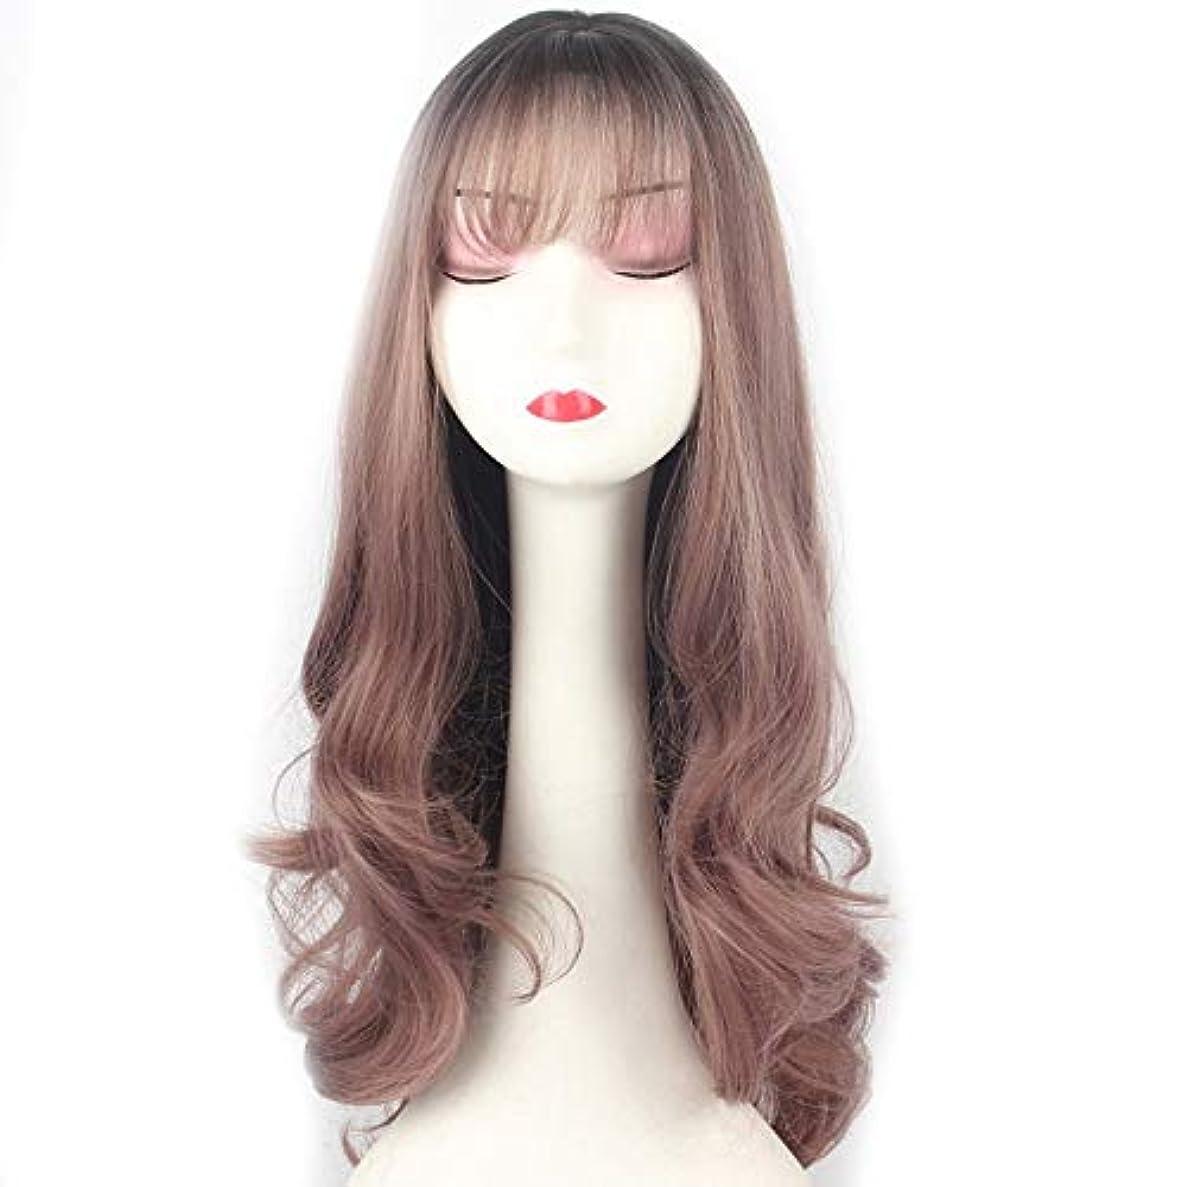 ブリーク認識レンダリングWASAIO グラデーション薄いつるパープルかつら女性カールウィッグコスプレハロウィンヘアアクセサリースタイルの交換のための前髪 (色 : Gradient thin vine purple)